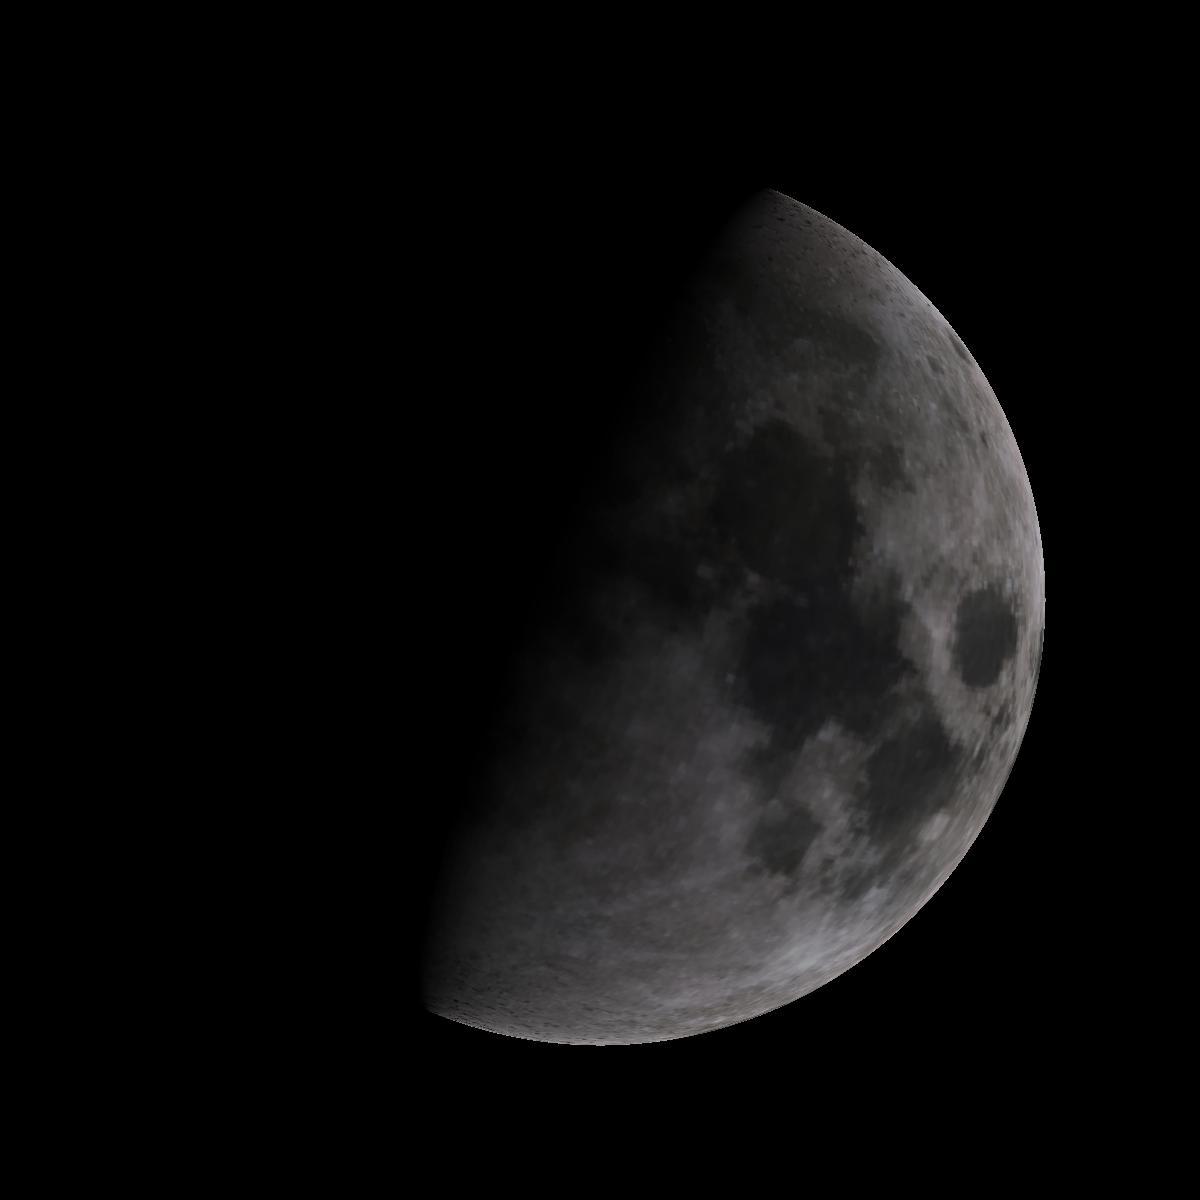 Lune du 4 janvier 2020